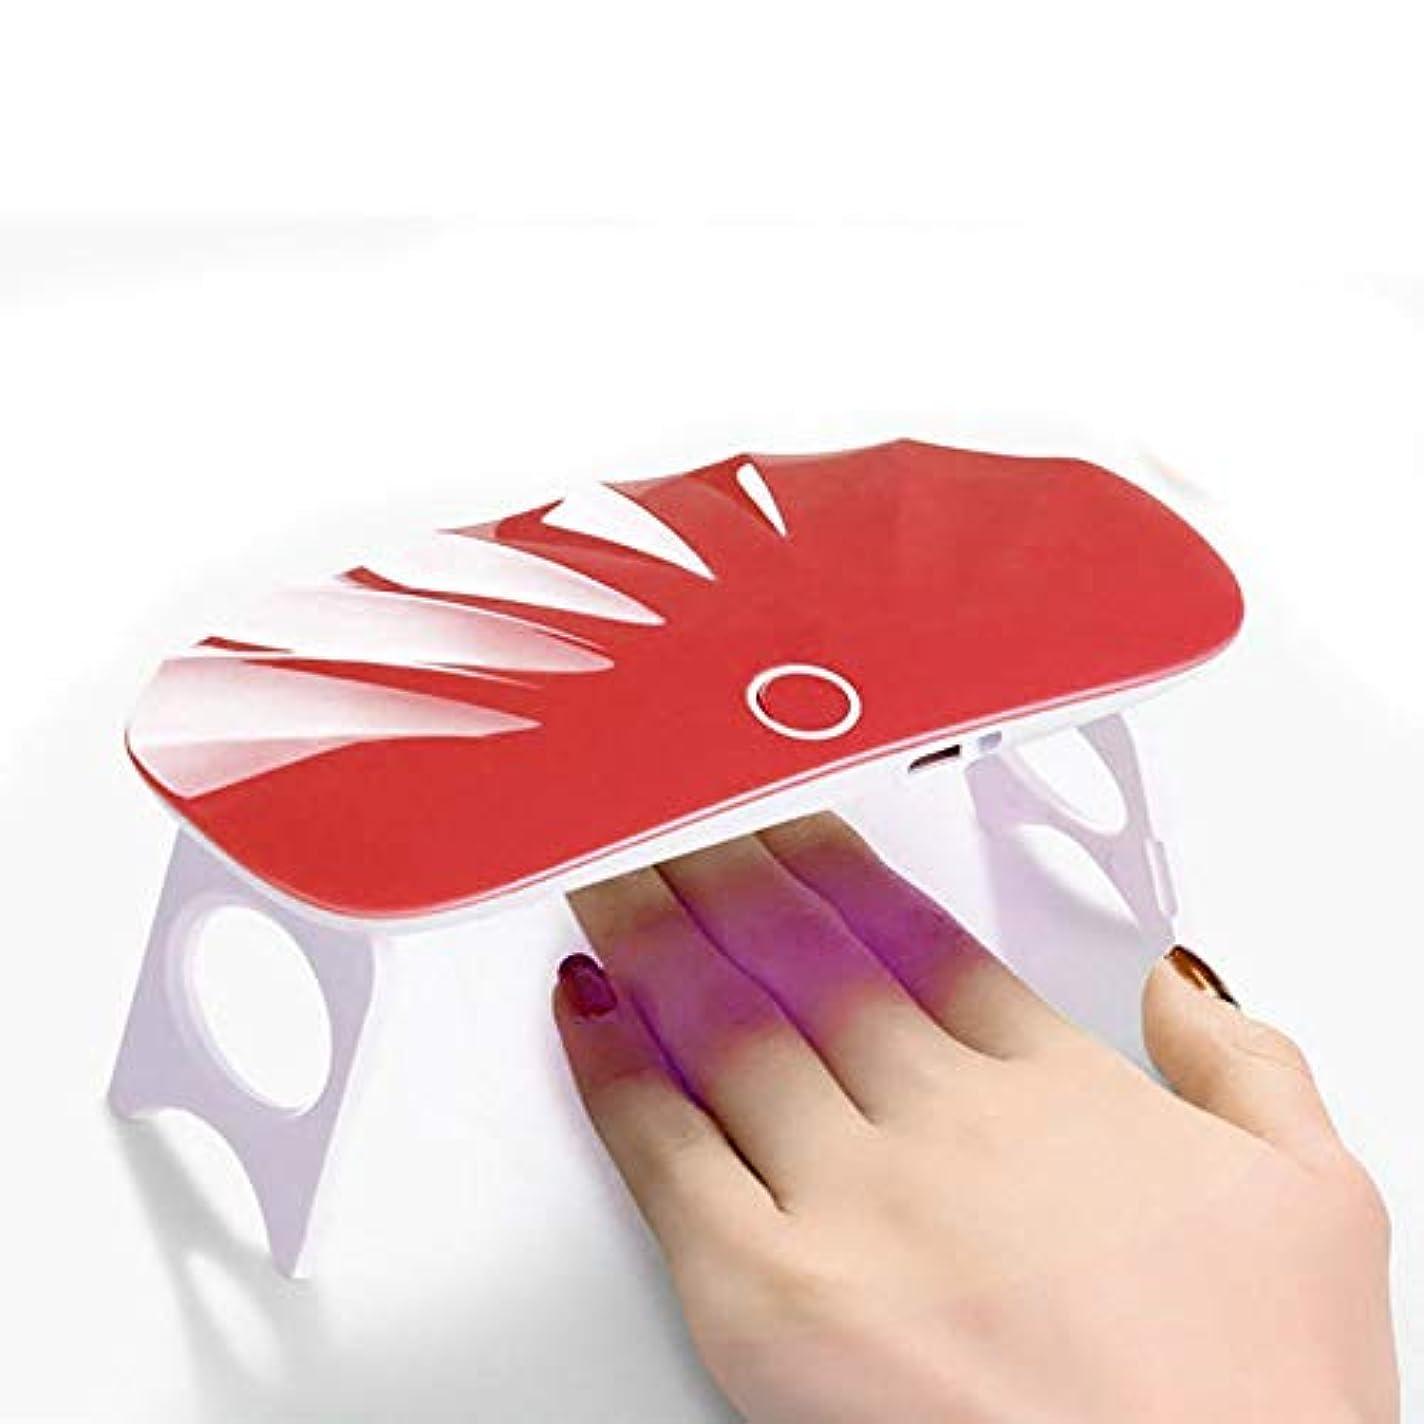 もっと少なく上向きうれしいJilebao ネイルライト 6W ハイパワー USBライン付き ミニ 可愛い ジェルネイル レジンクラフト コンパクト LEDライト UVライト ネイルドライヤー 自動検知モード 折りたたみ式 手足とも使える (レッド)